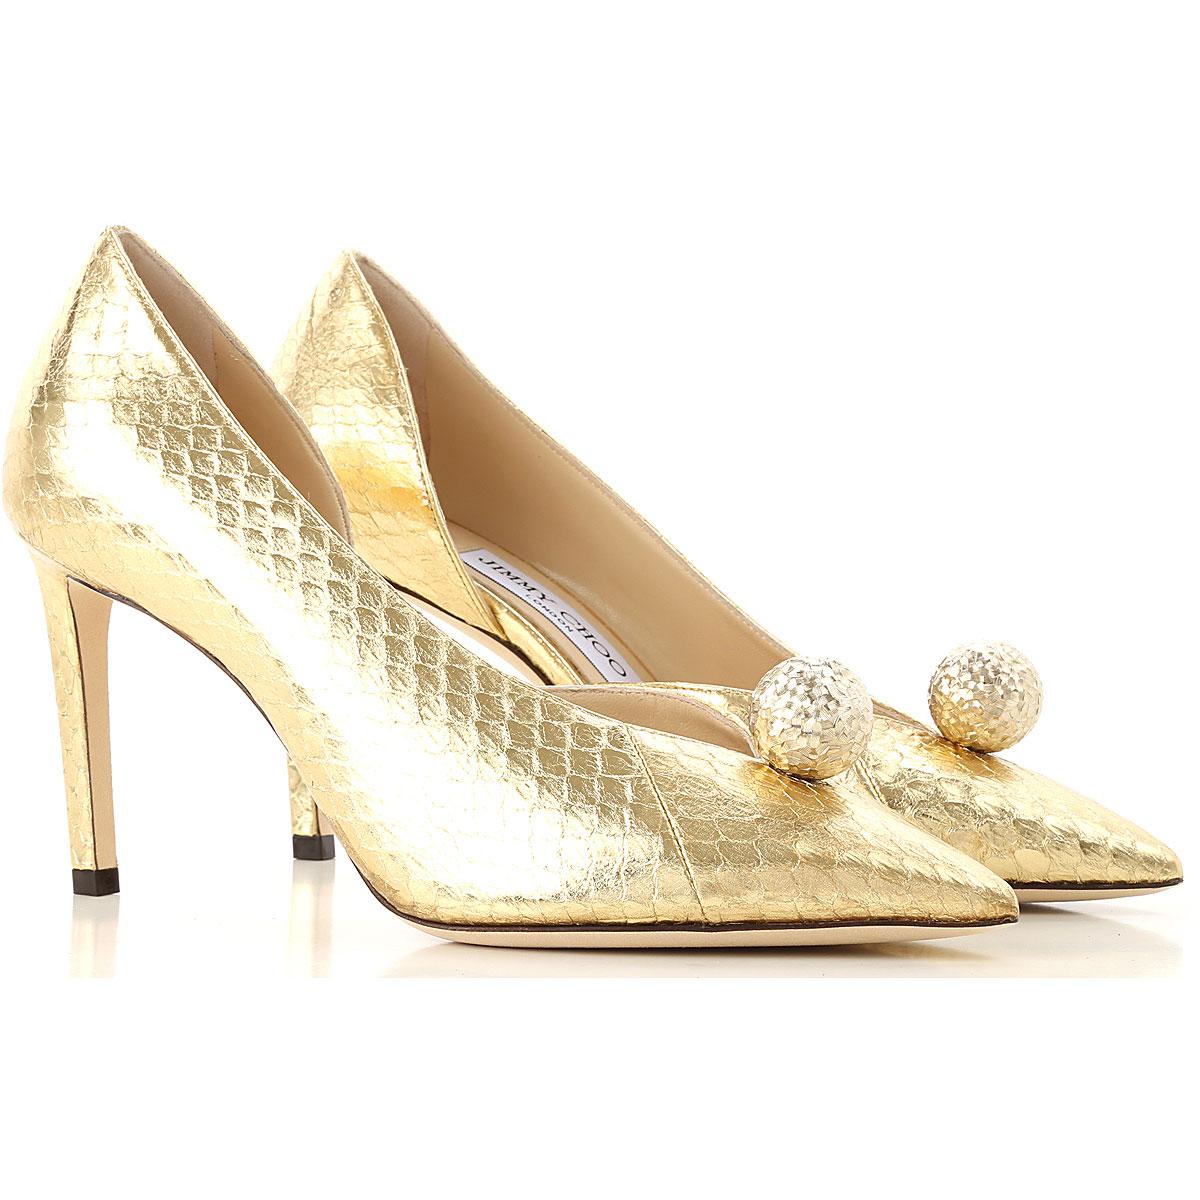 555730209f Womens Shoes Jimmy Choo, Style code: sadira85-cdw-182